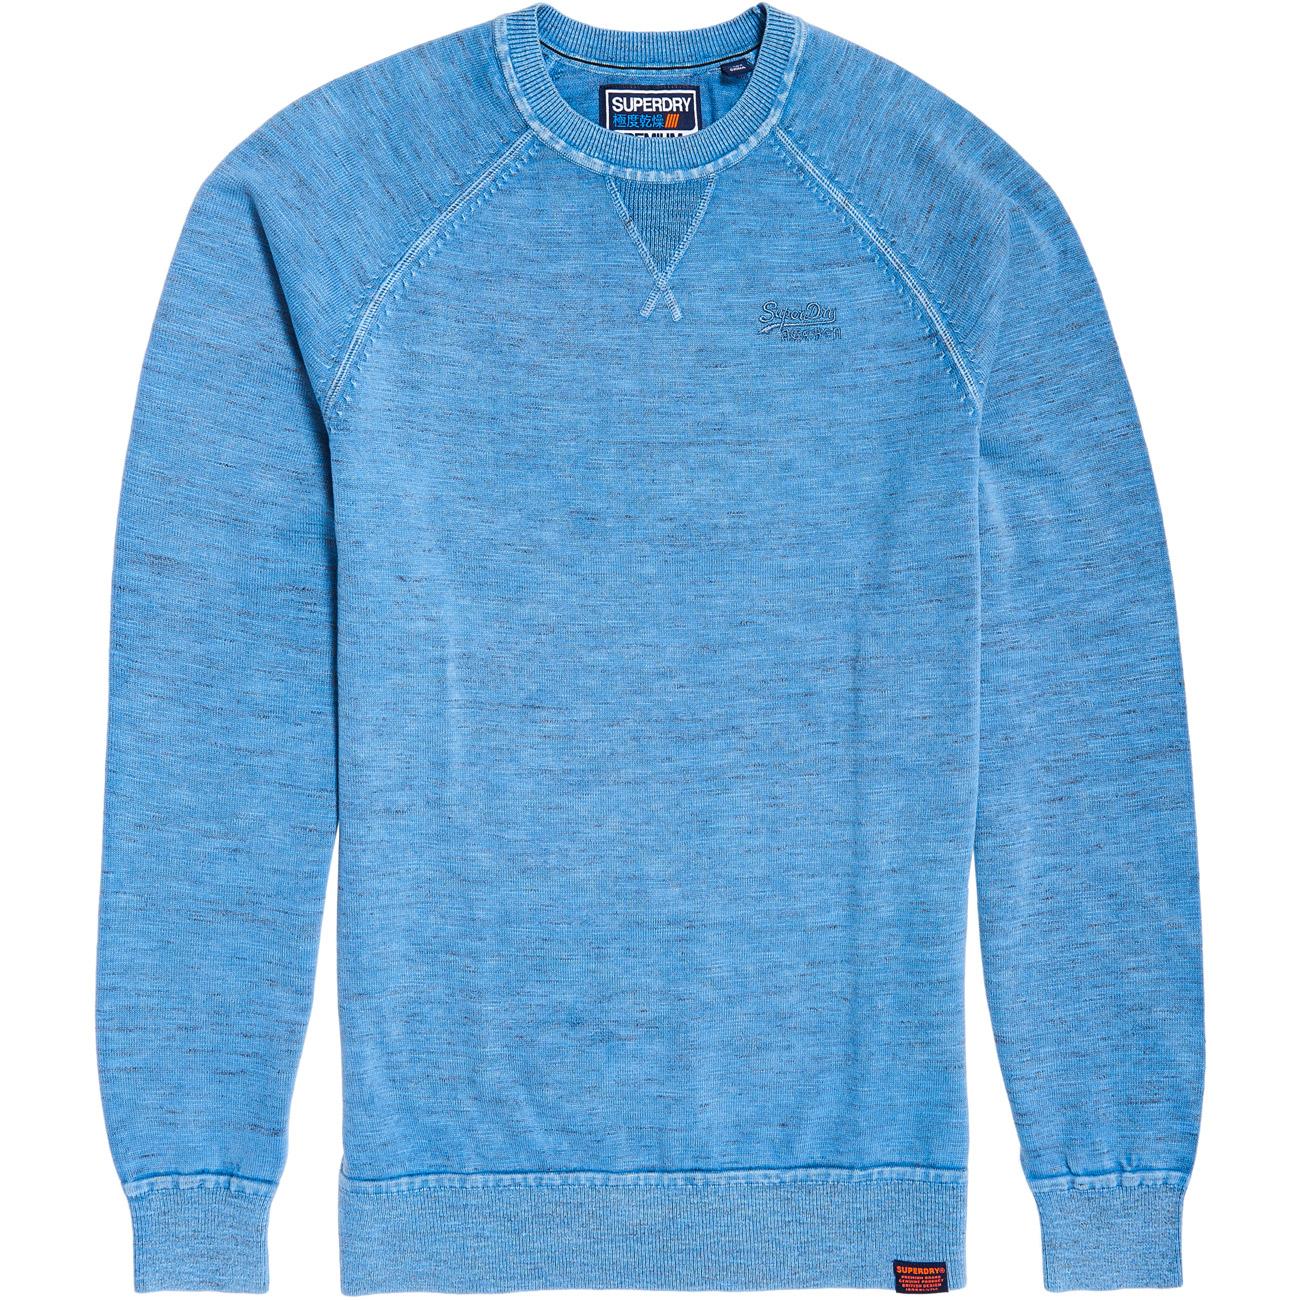 Details zu Superdry Herren Sweatshirt GARMENT DYED L.A. CREW